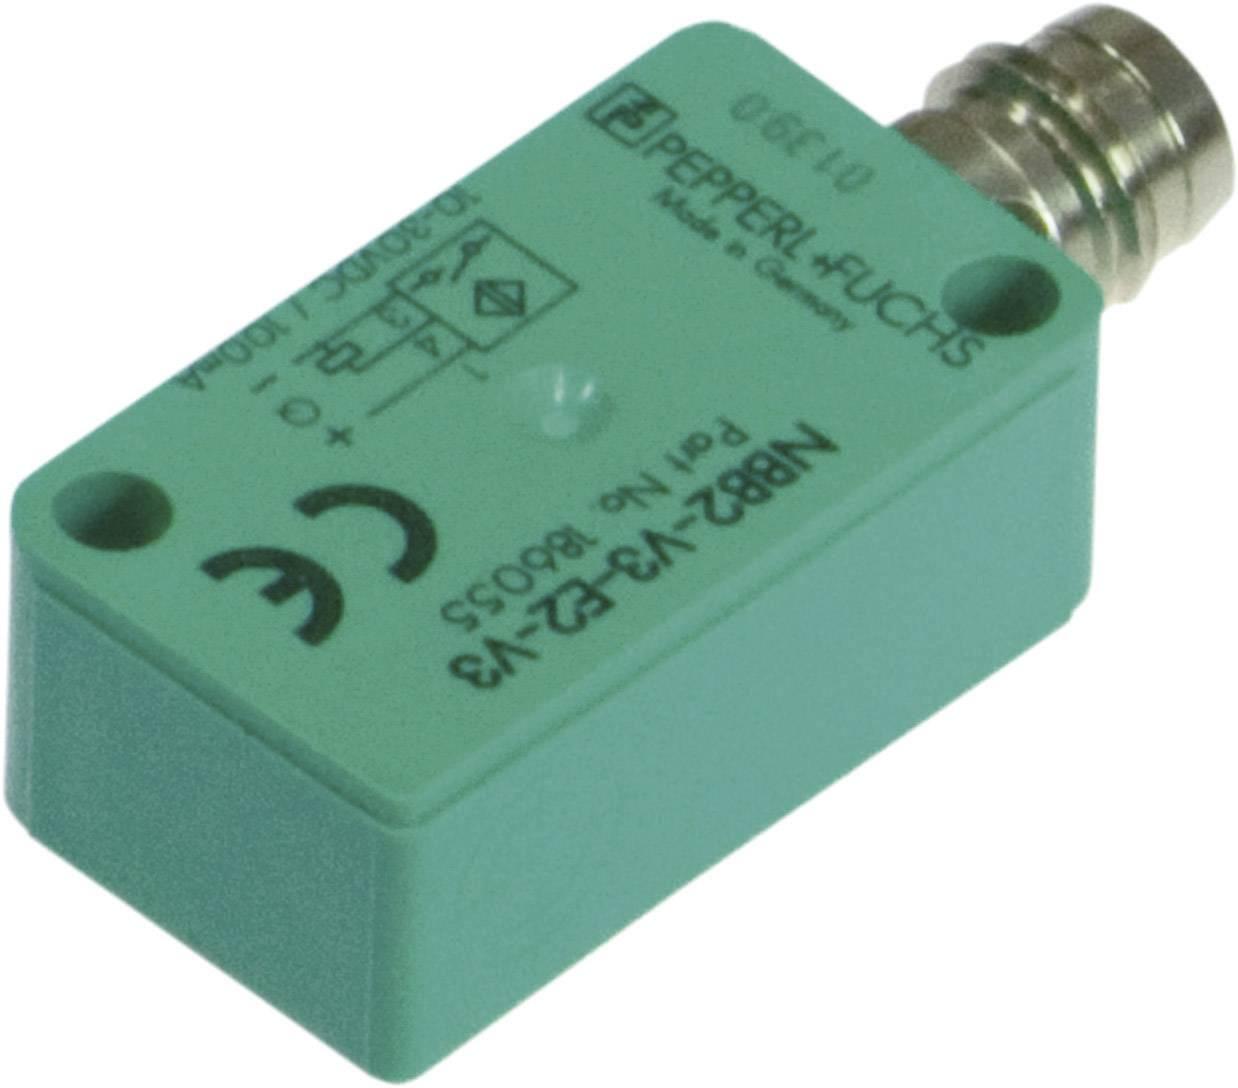 Indukční senzor přiblížení Pepperl & Fuchs NBB2-V3-E2-V3, 2 mm, IP67